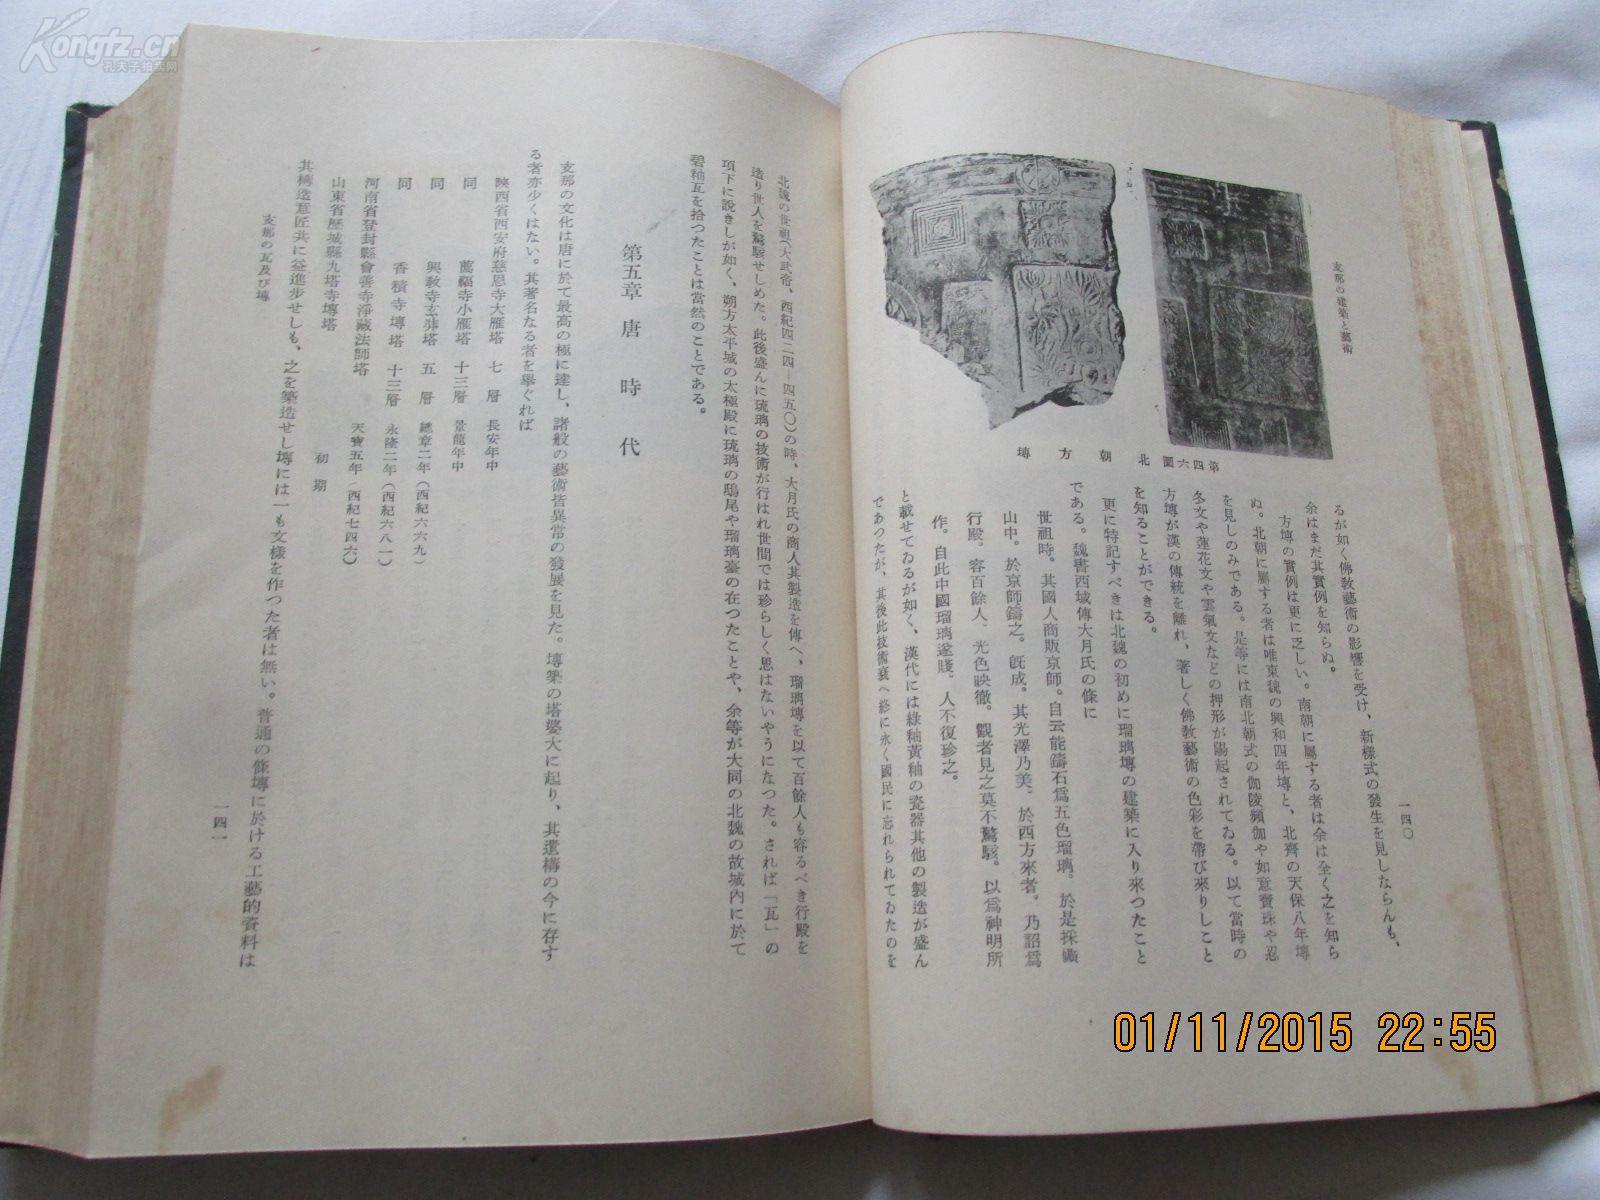 《艺术的建筑和支那》一巨厚册800多页网上v艺术标志图片